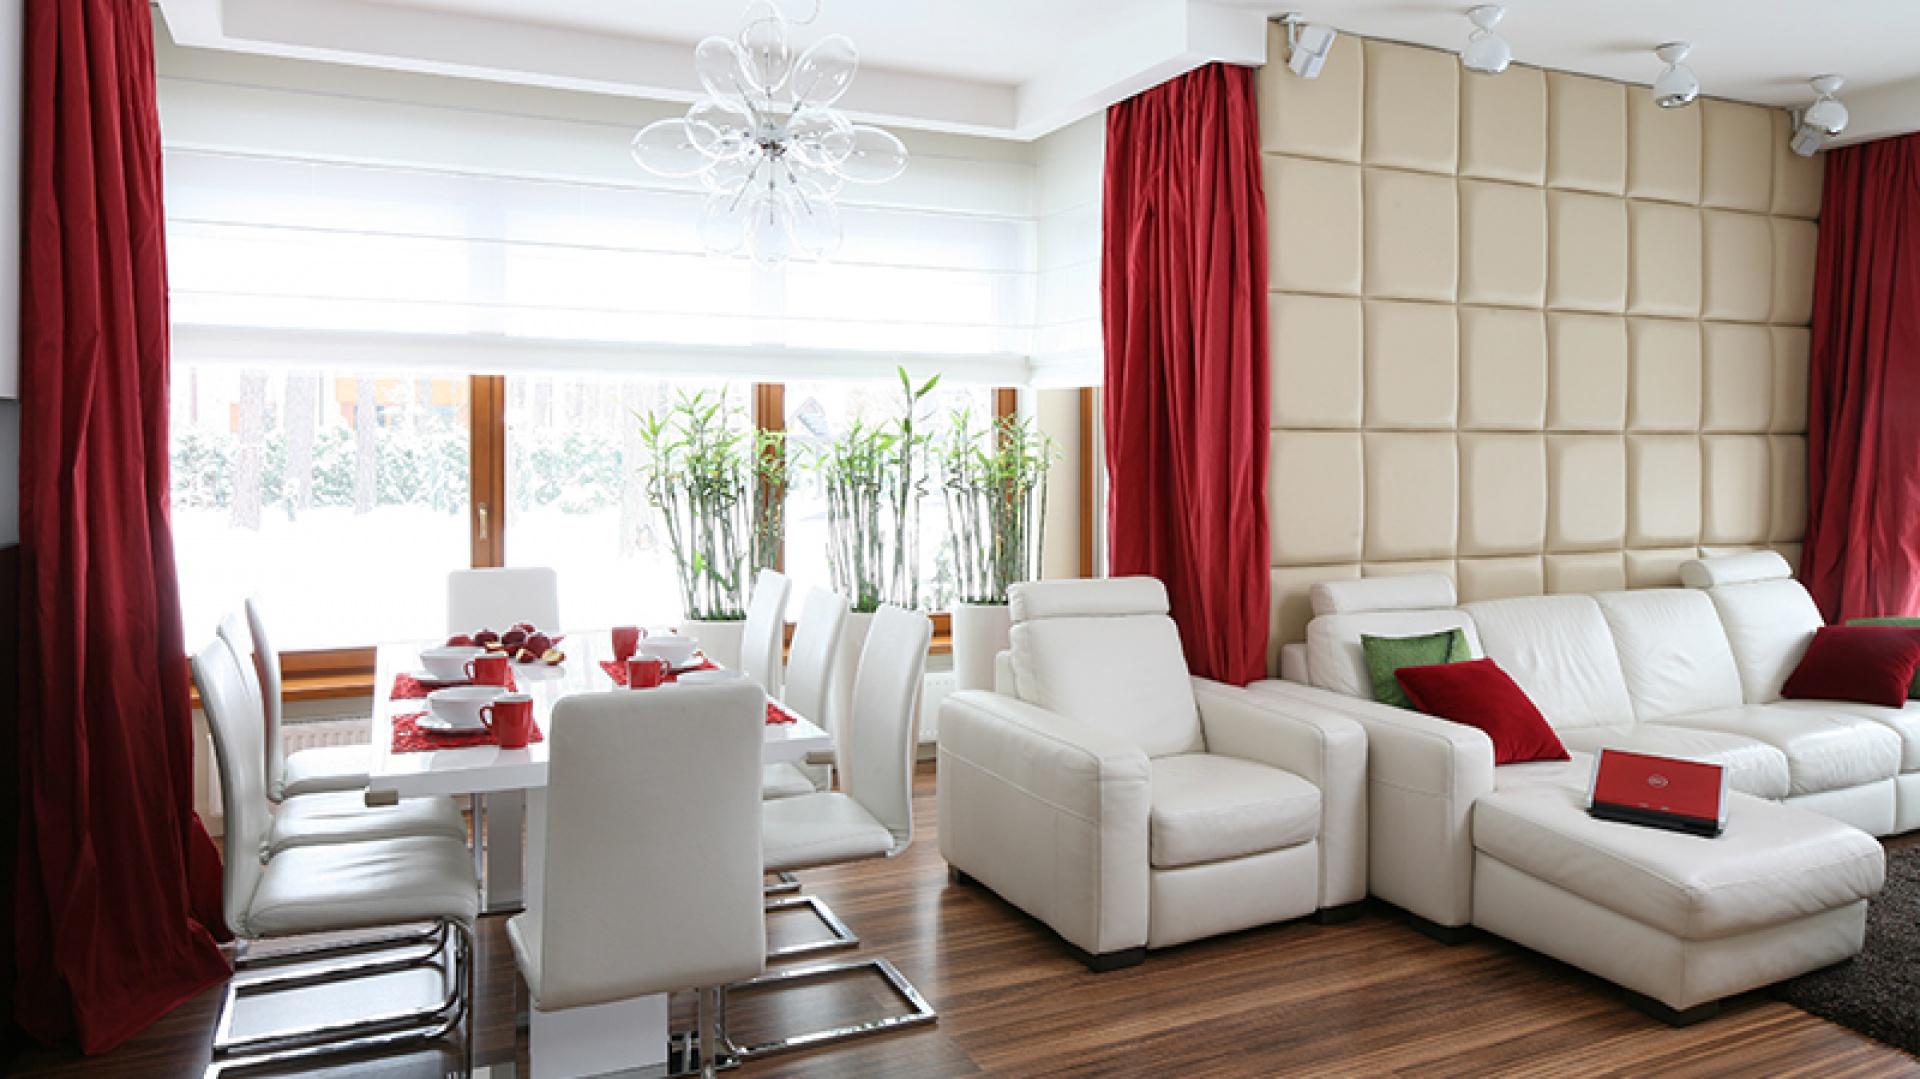 Otwarta przestrzeń dzienna tworzy jedną, spójną stylistycznie całość. Poszczególne strefy spaja uniwersalna biel – ulubiony   kolor właścicielki. Mocne, czerwone akcenty przełamują jej monochromatyczność. Fot. Bartosz Jarosz.